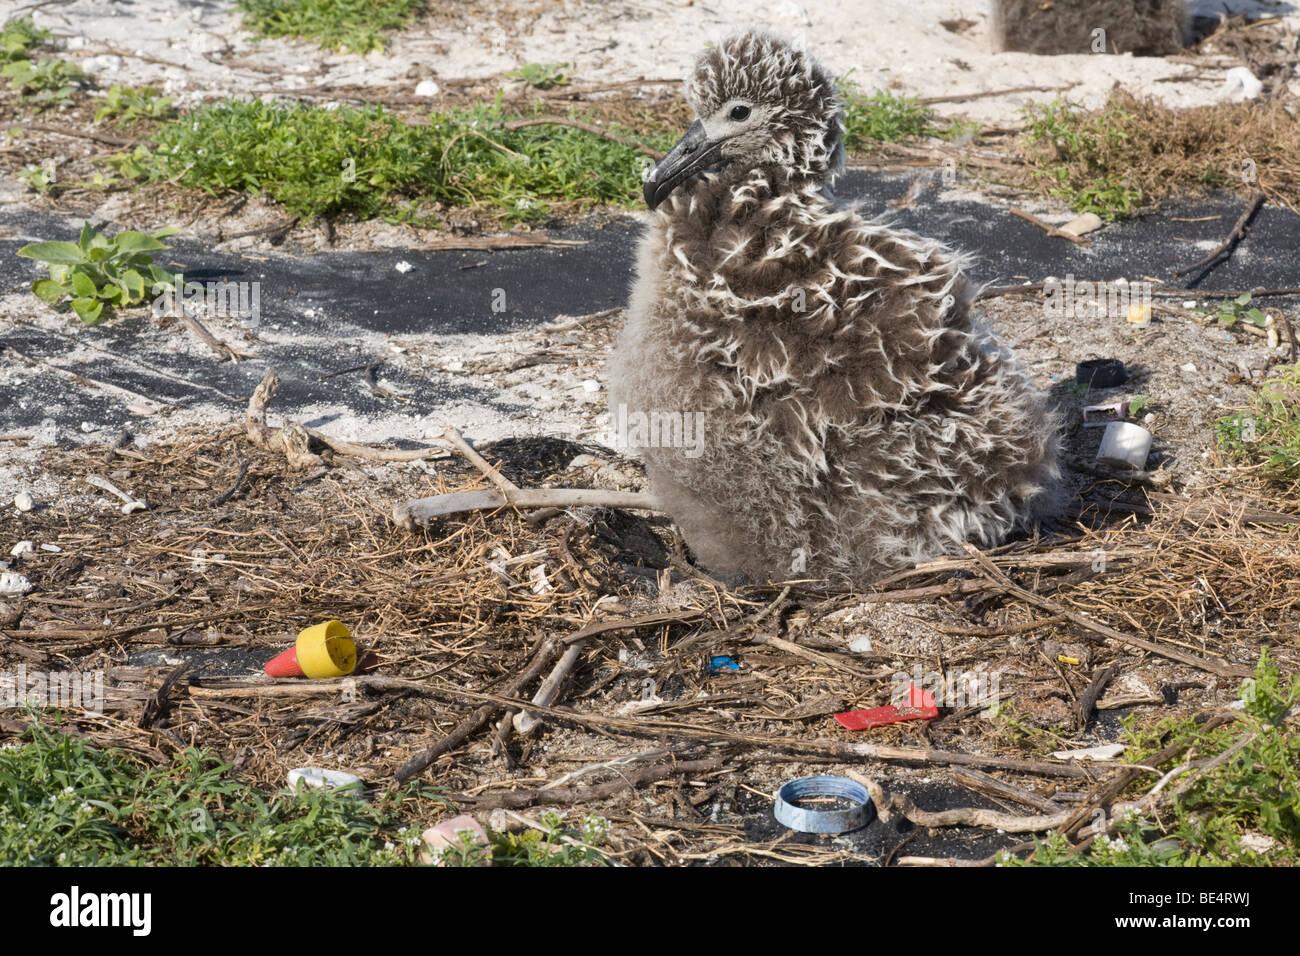 Laysan Albatross pulcino con il rimanente di plastica dallo stomaco di un uccello morto che precedentemente ingerito i detriti, atollo di Midway Foto Stock